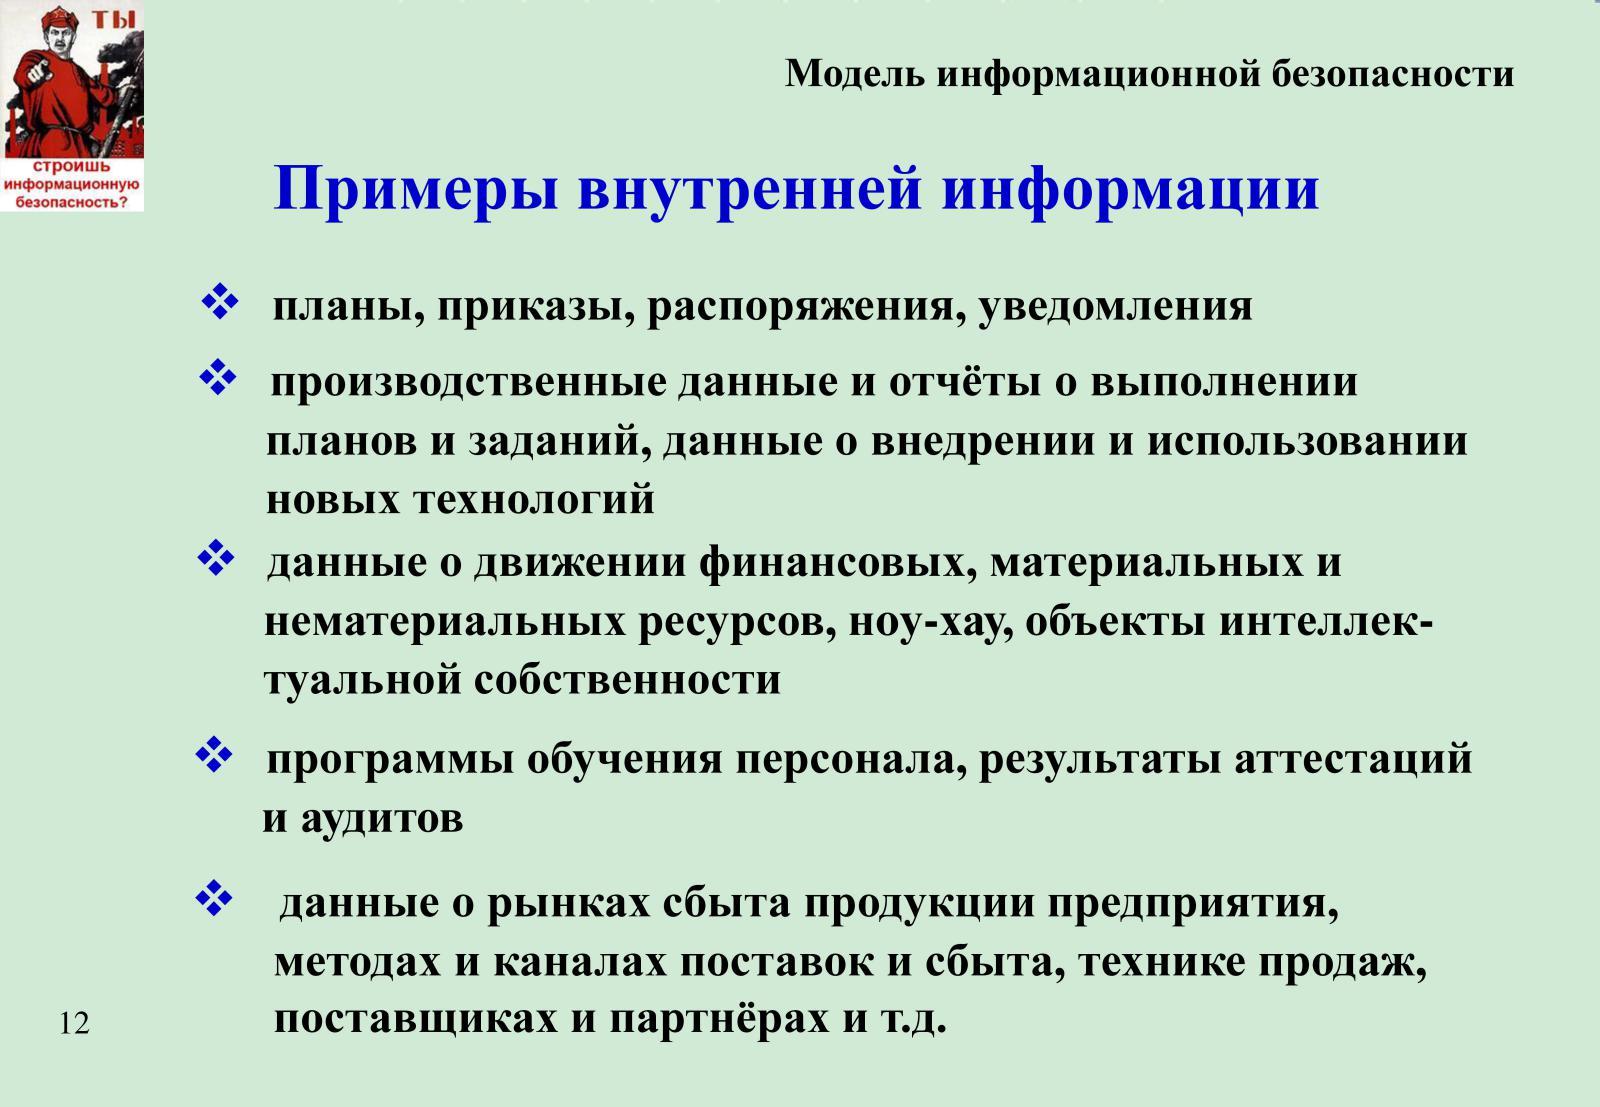 Схема информационной безопасности предприятия4